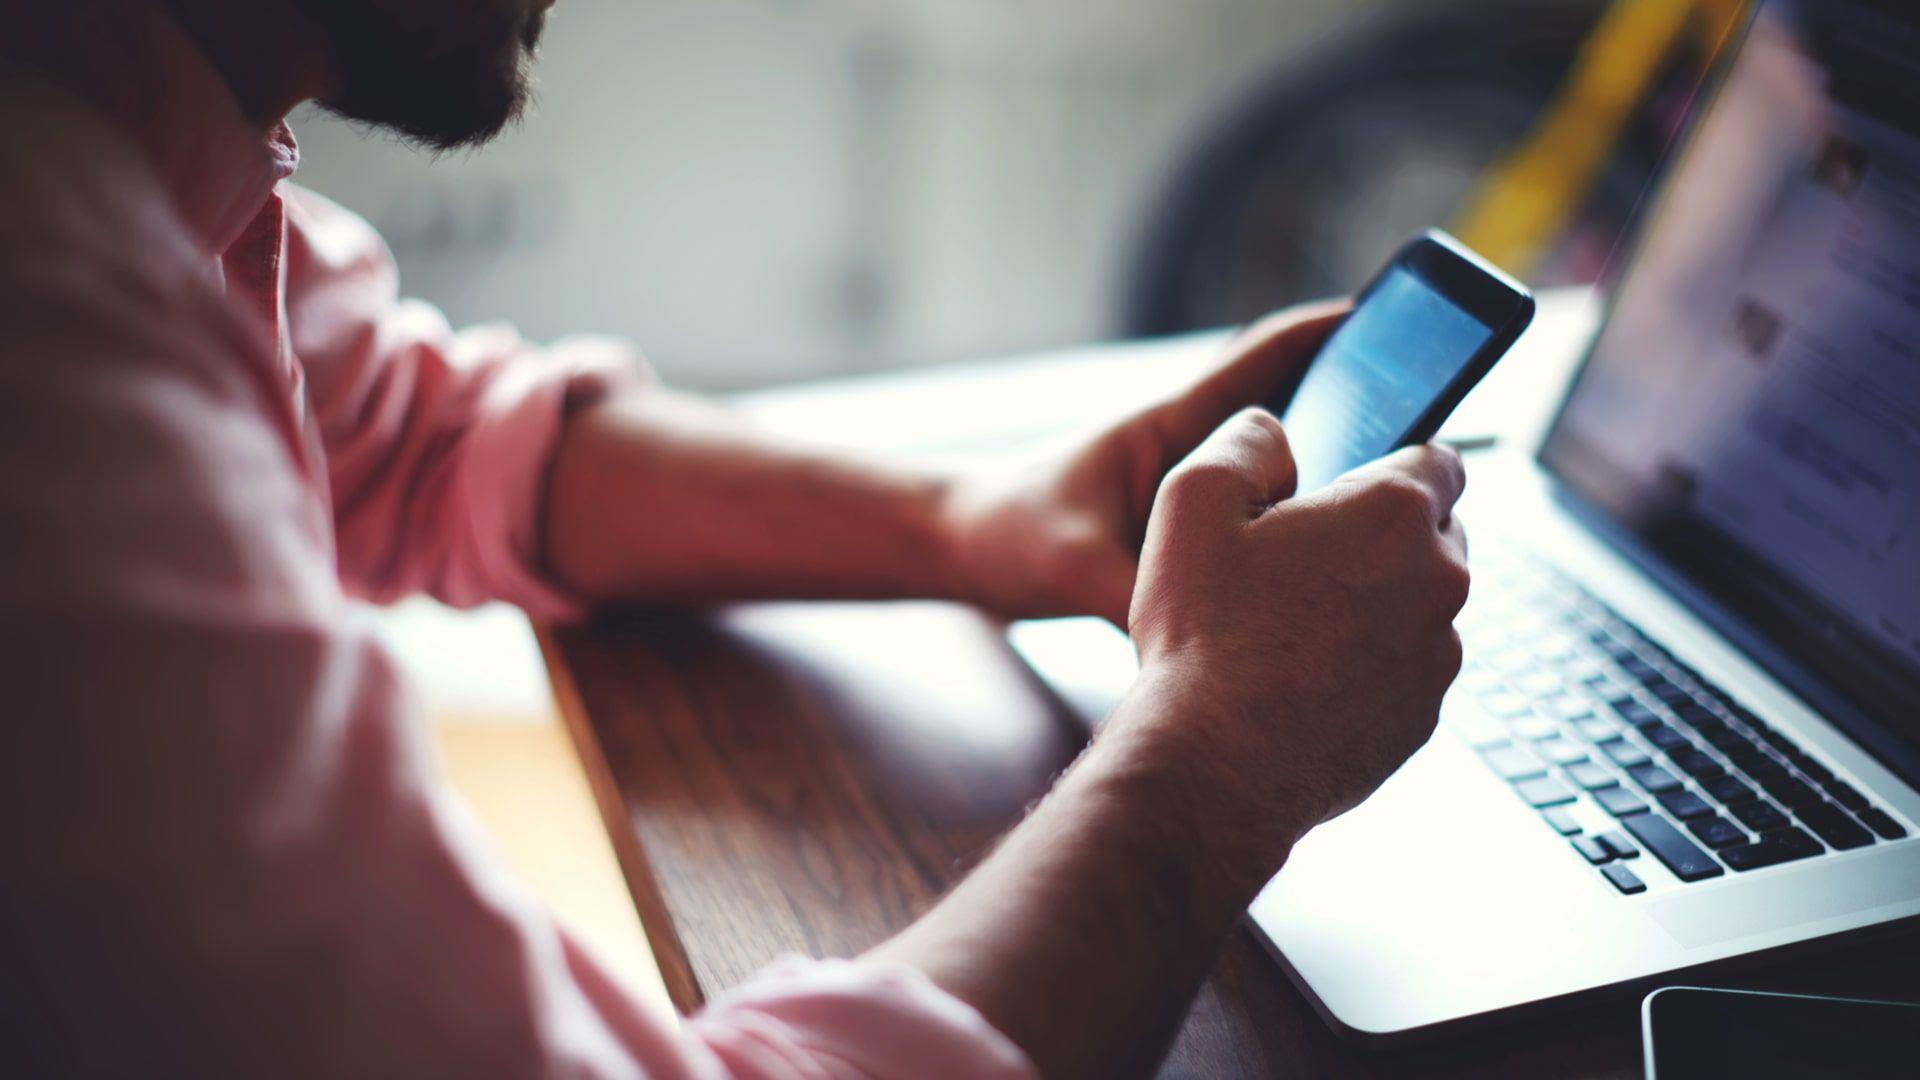 Como passar música do celular para o pendrive: procedimento exige a ajuda do PC (Foto: Shutterstock)